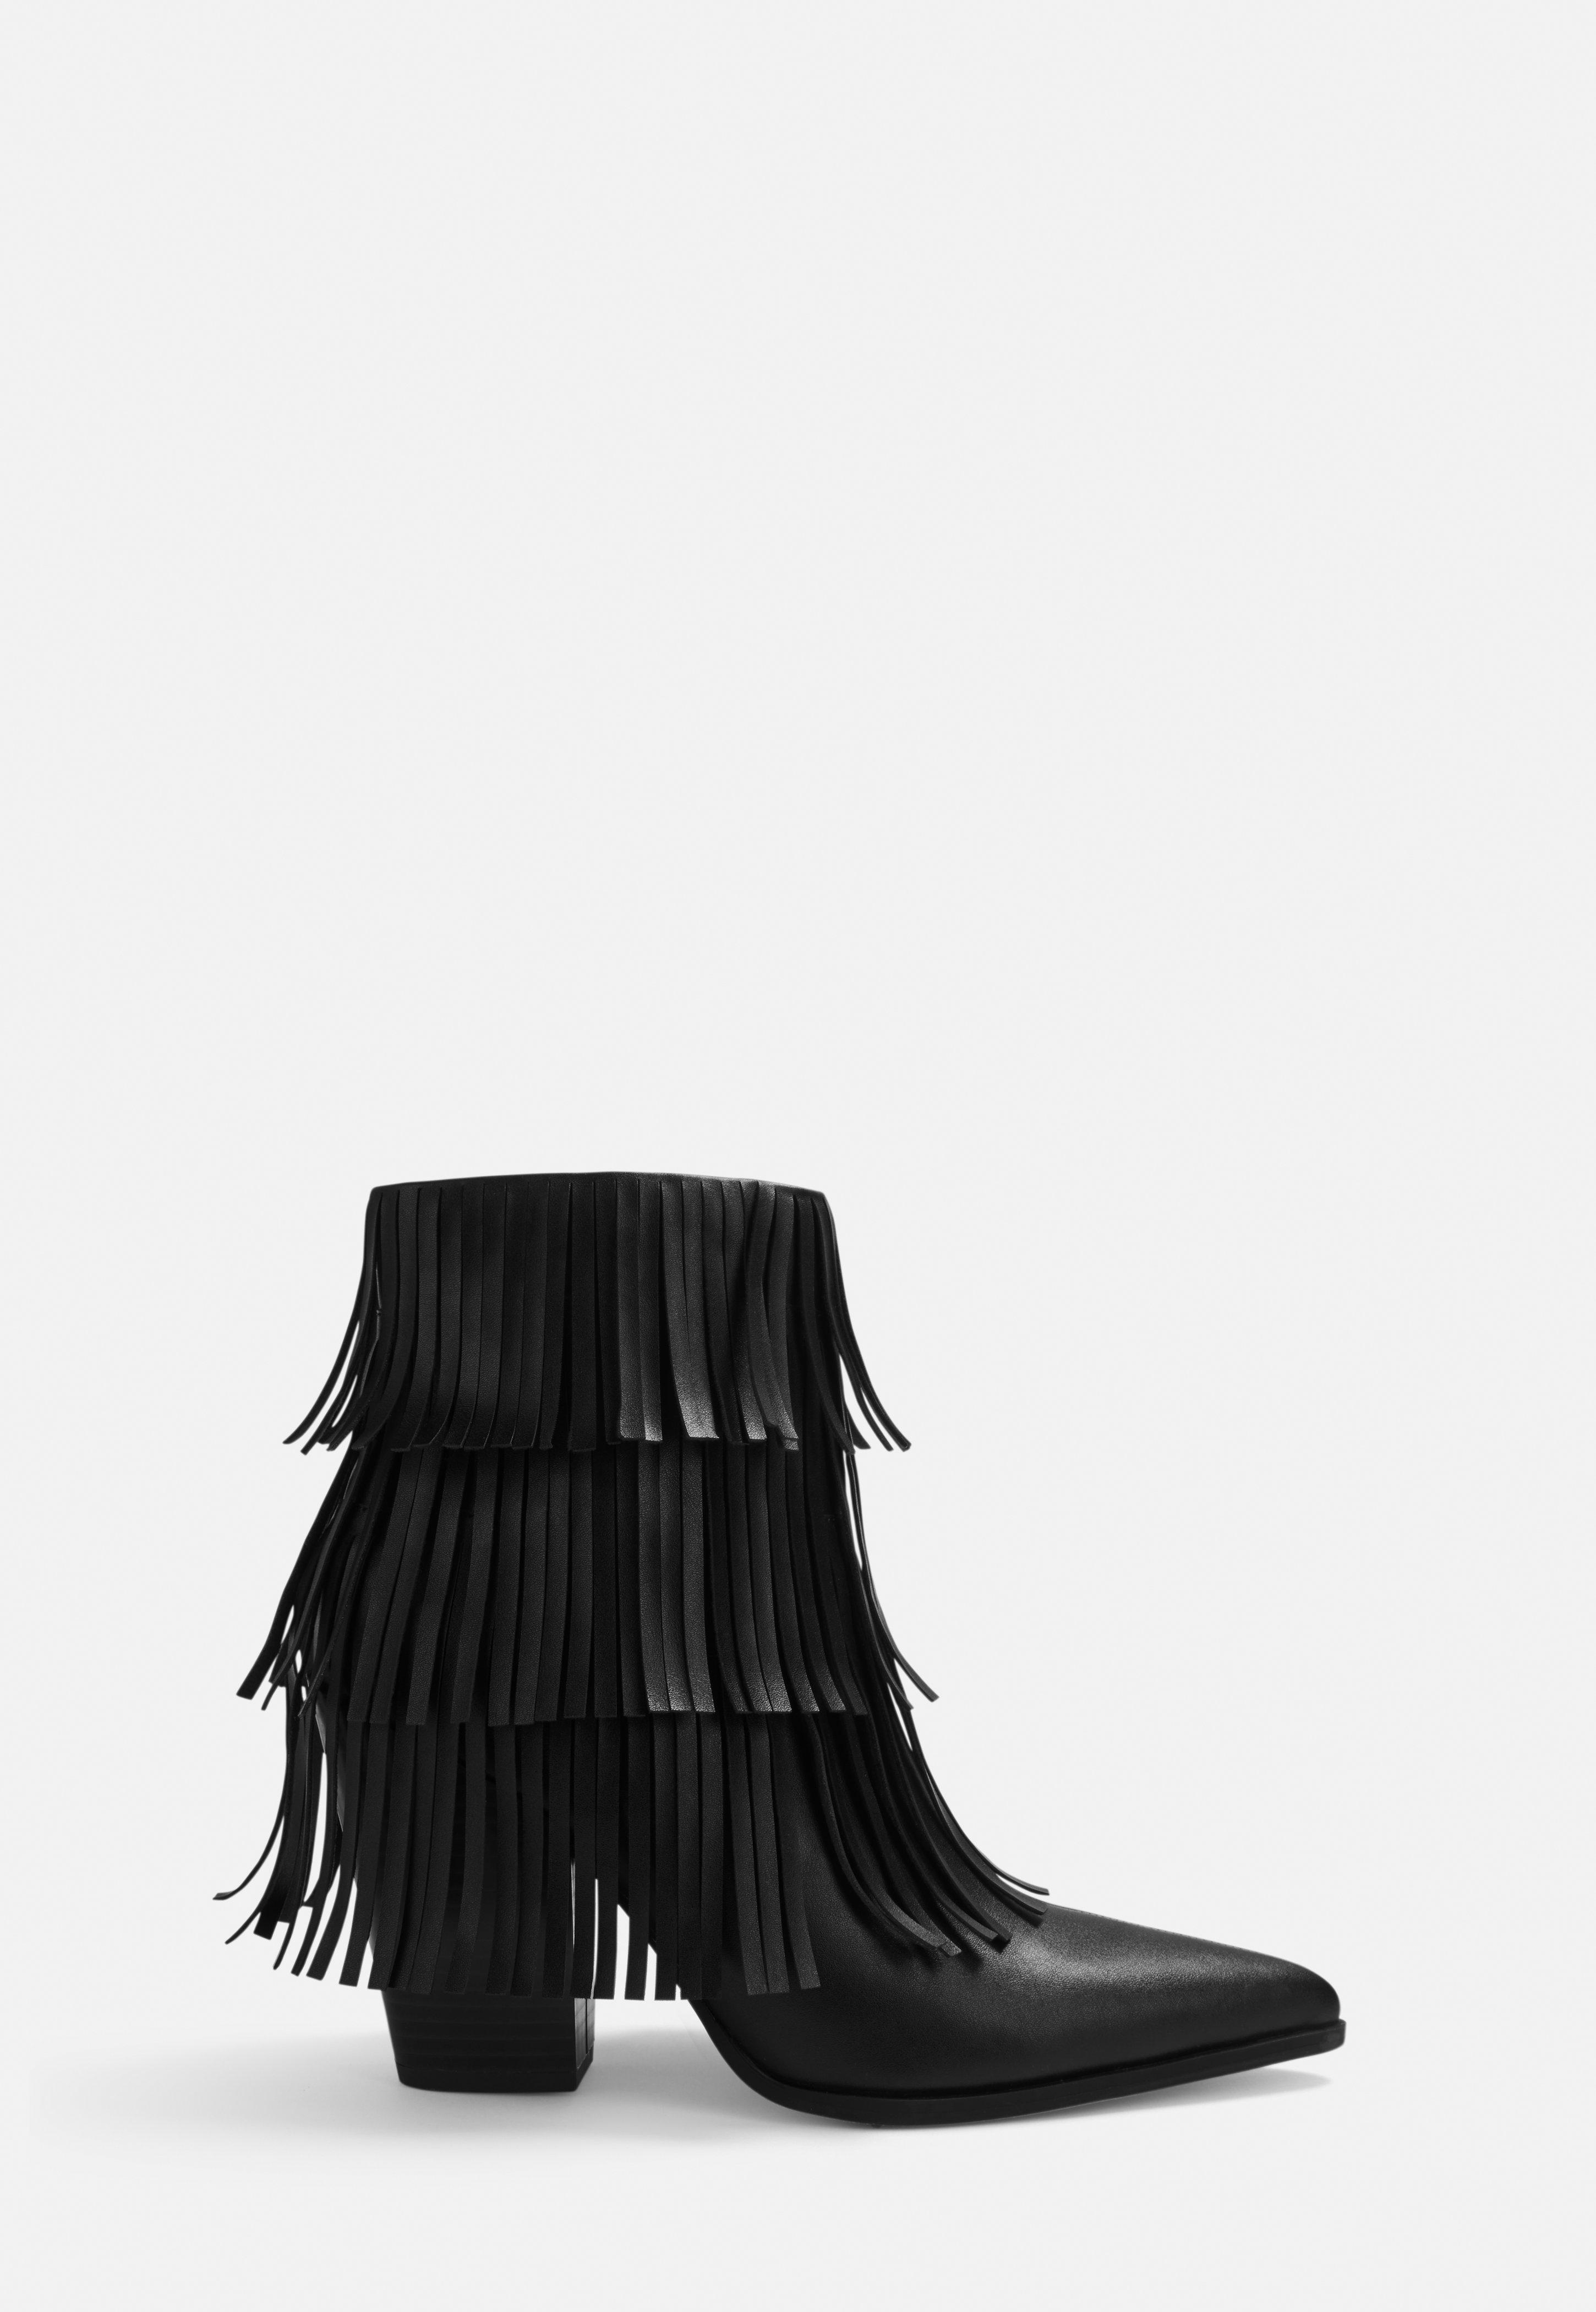 Stiefeletten aus Kunstleder mit Fransen in Schwarz